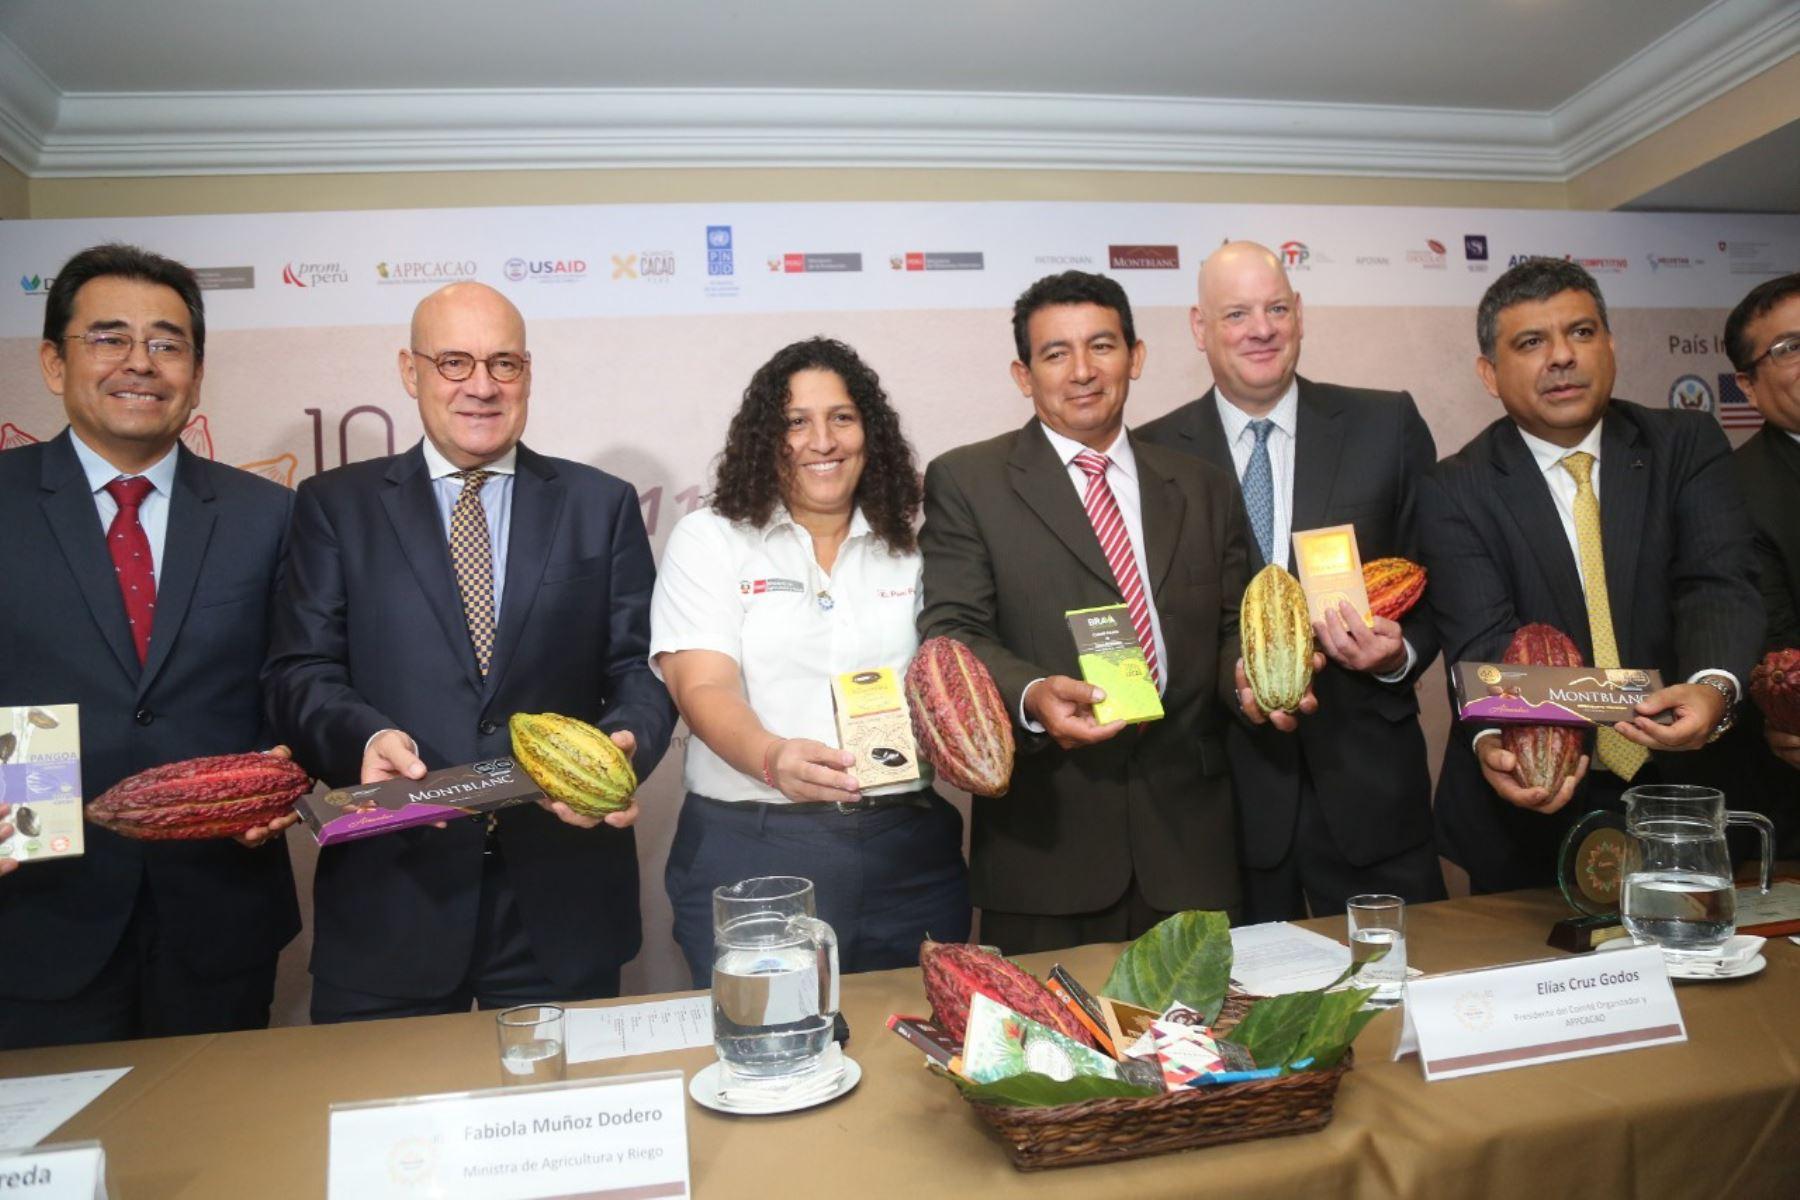 Ministra Fabiola Muñoz lanzó Décima Edición del Salón del Cacao y Chocolate